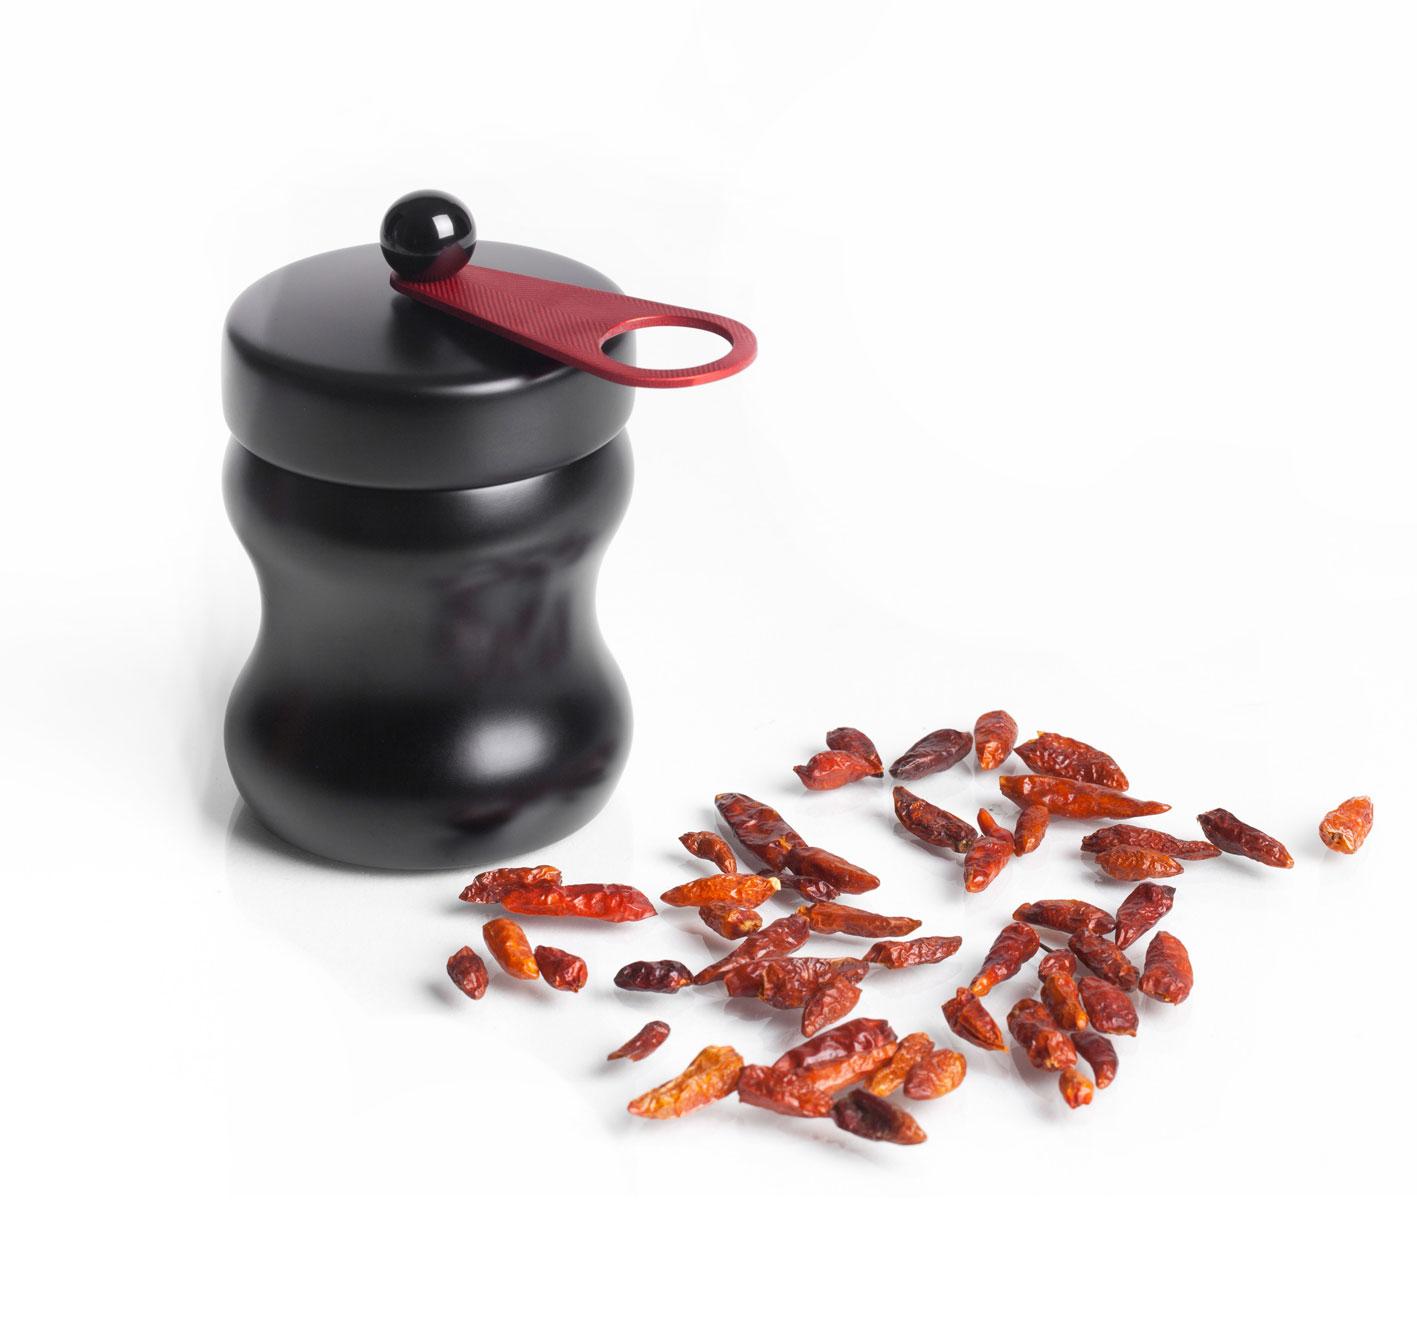 WauWau Chilimühle für getrockneten Chili